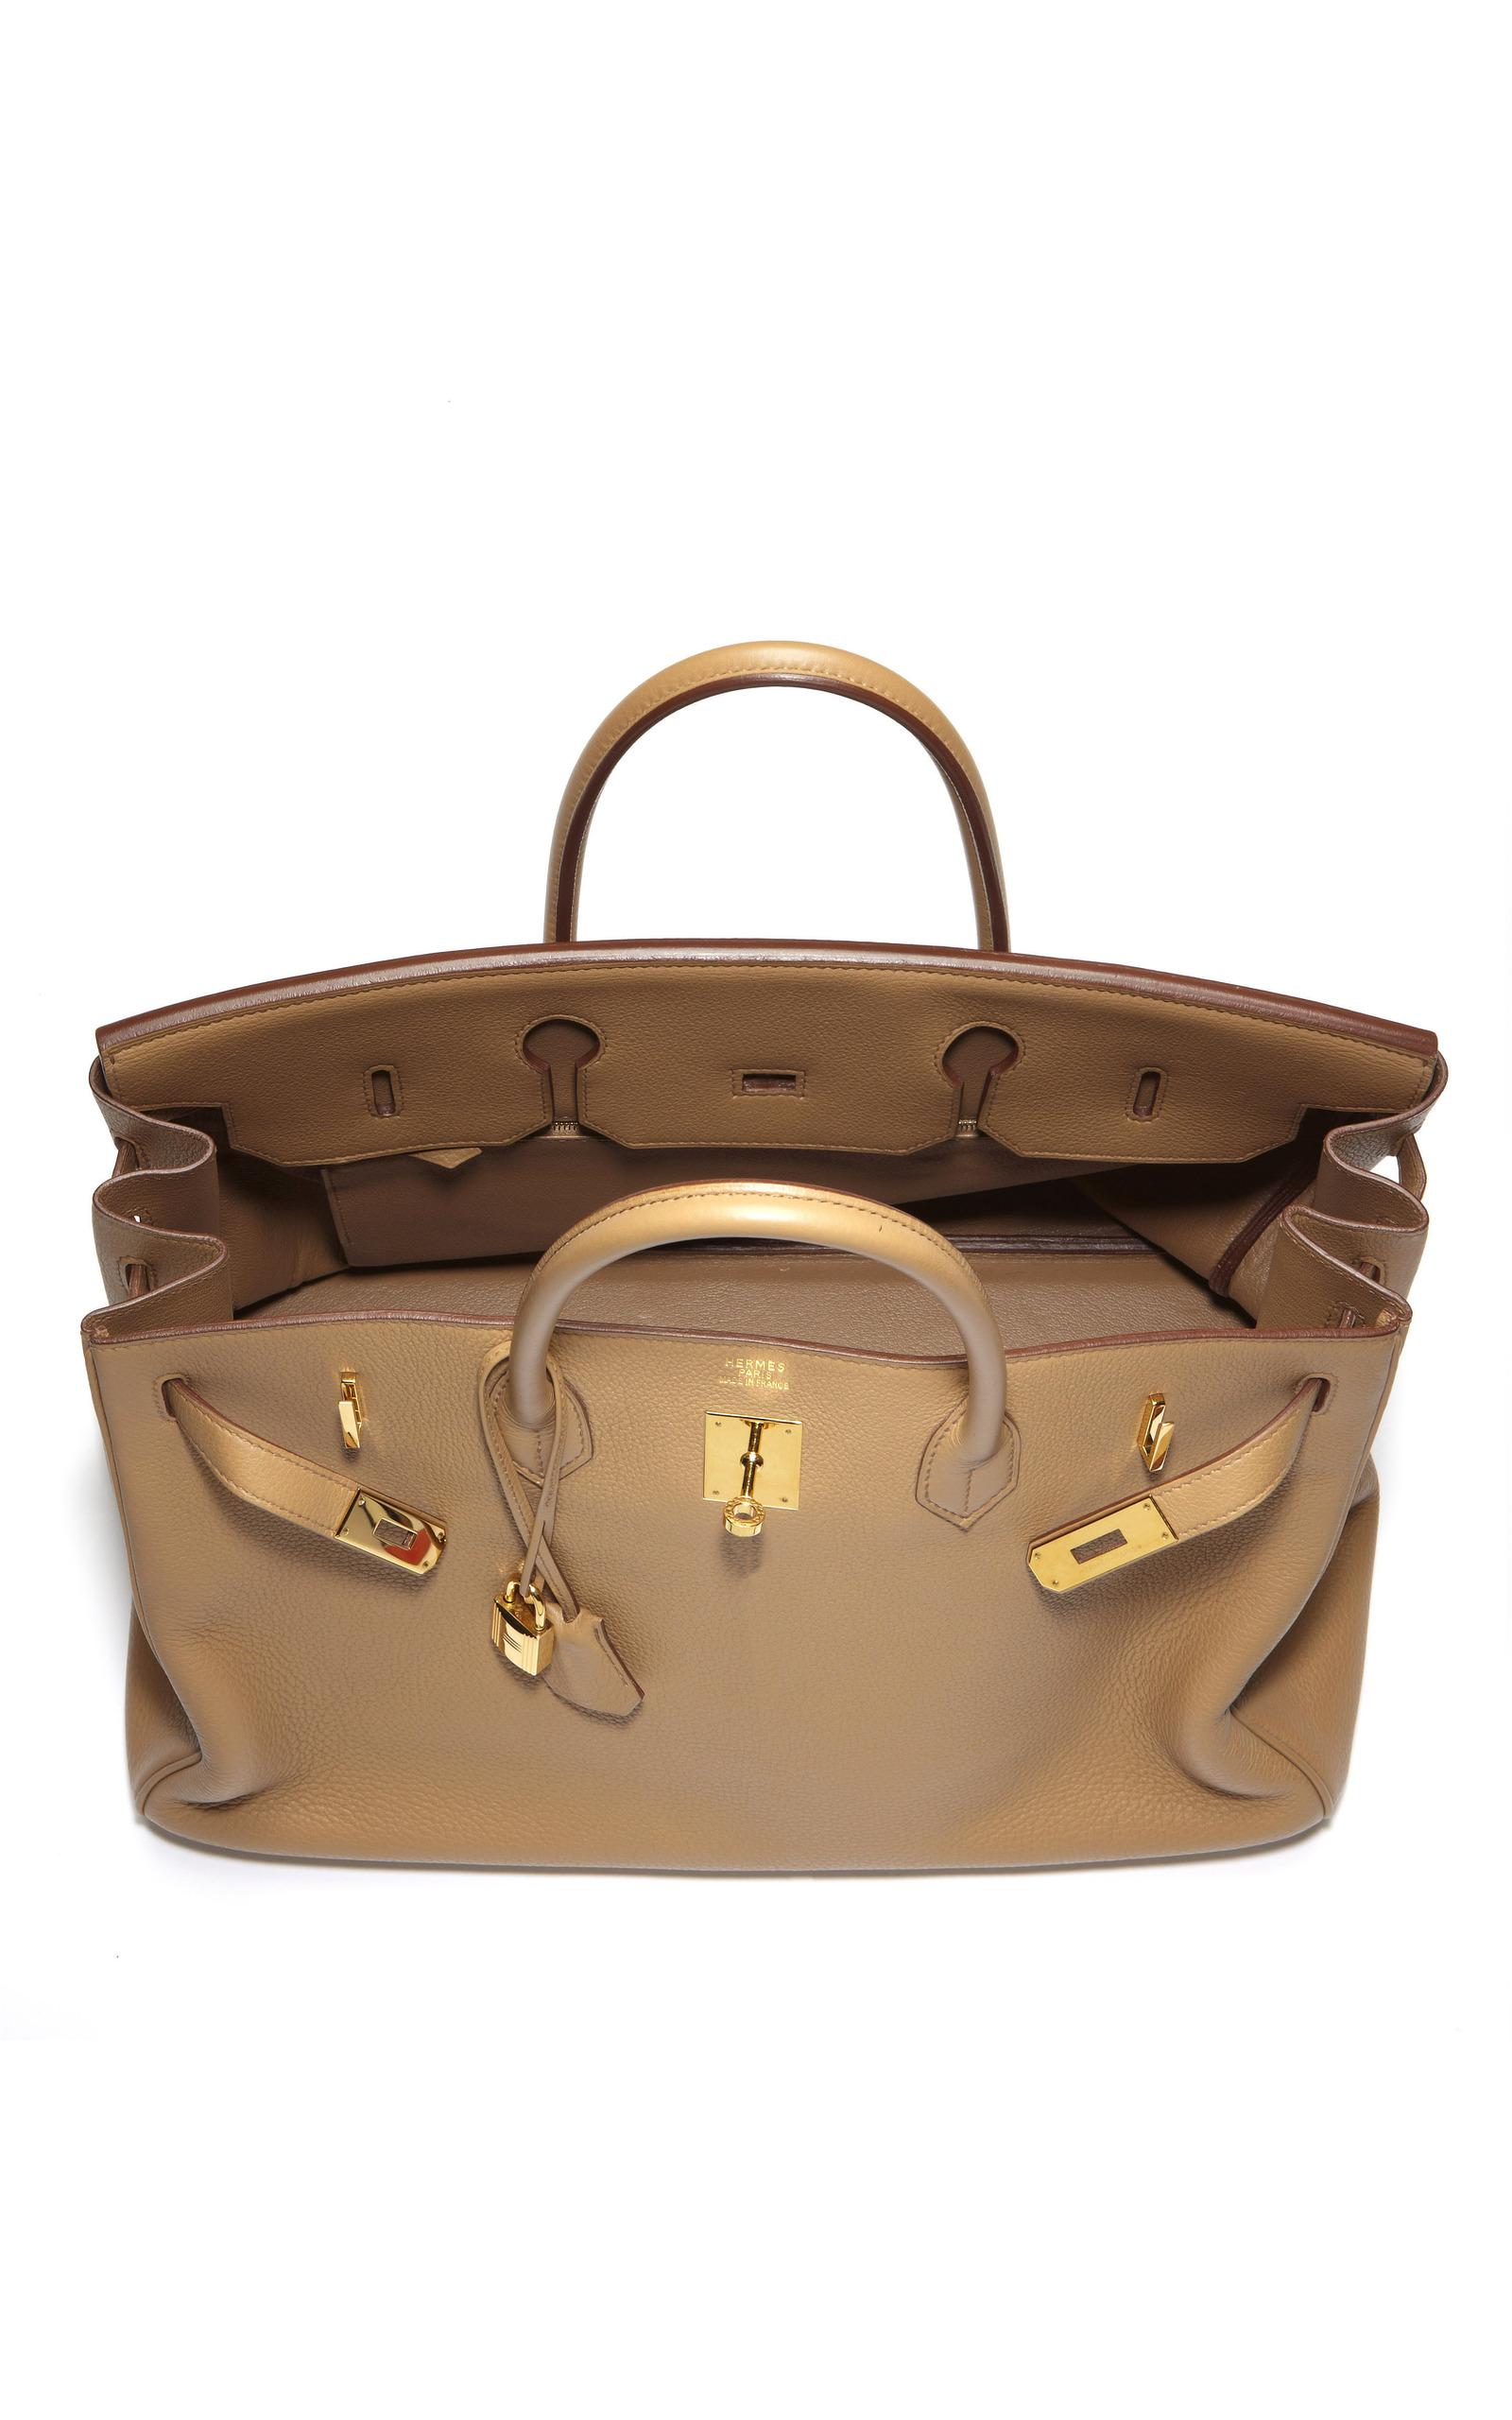 b32bc77d72 Hermes Vintage40cm Tabac Camel Clemence Leather Birkin. CLOSE. Loading.  Loading. Loading. Loading. Loading